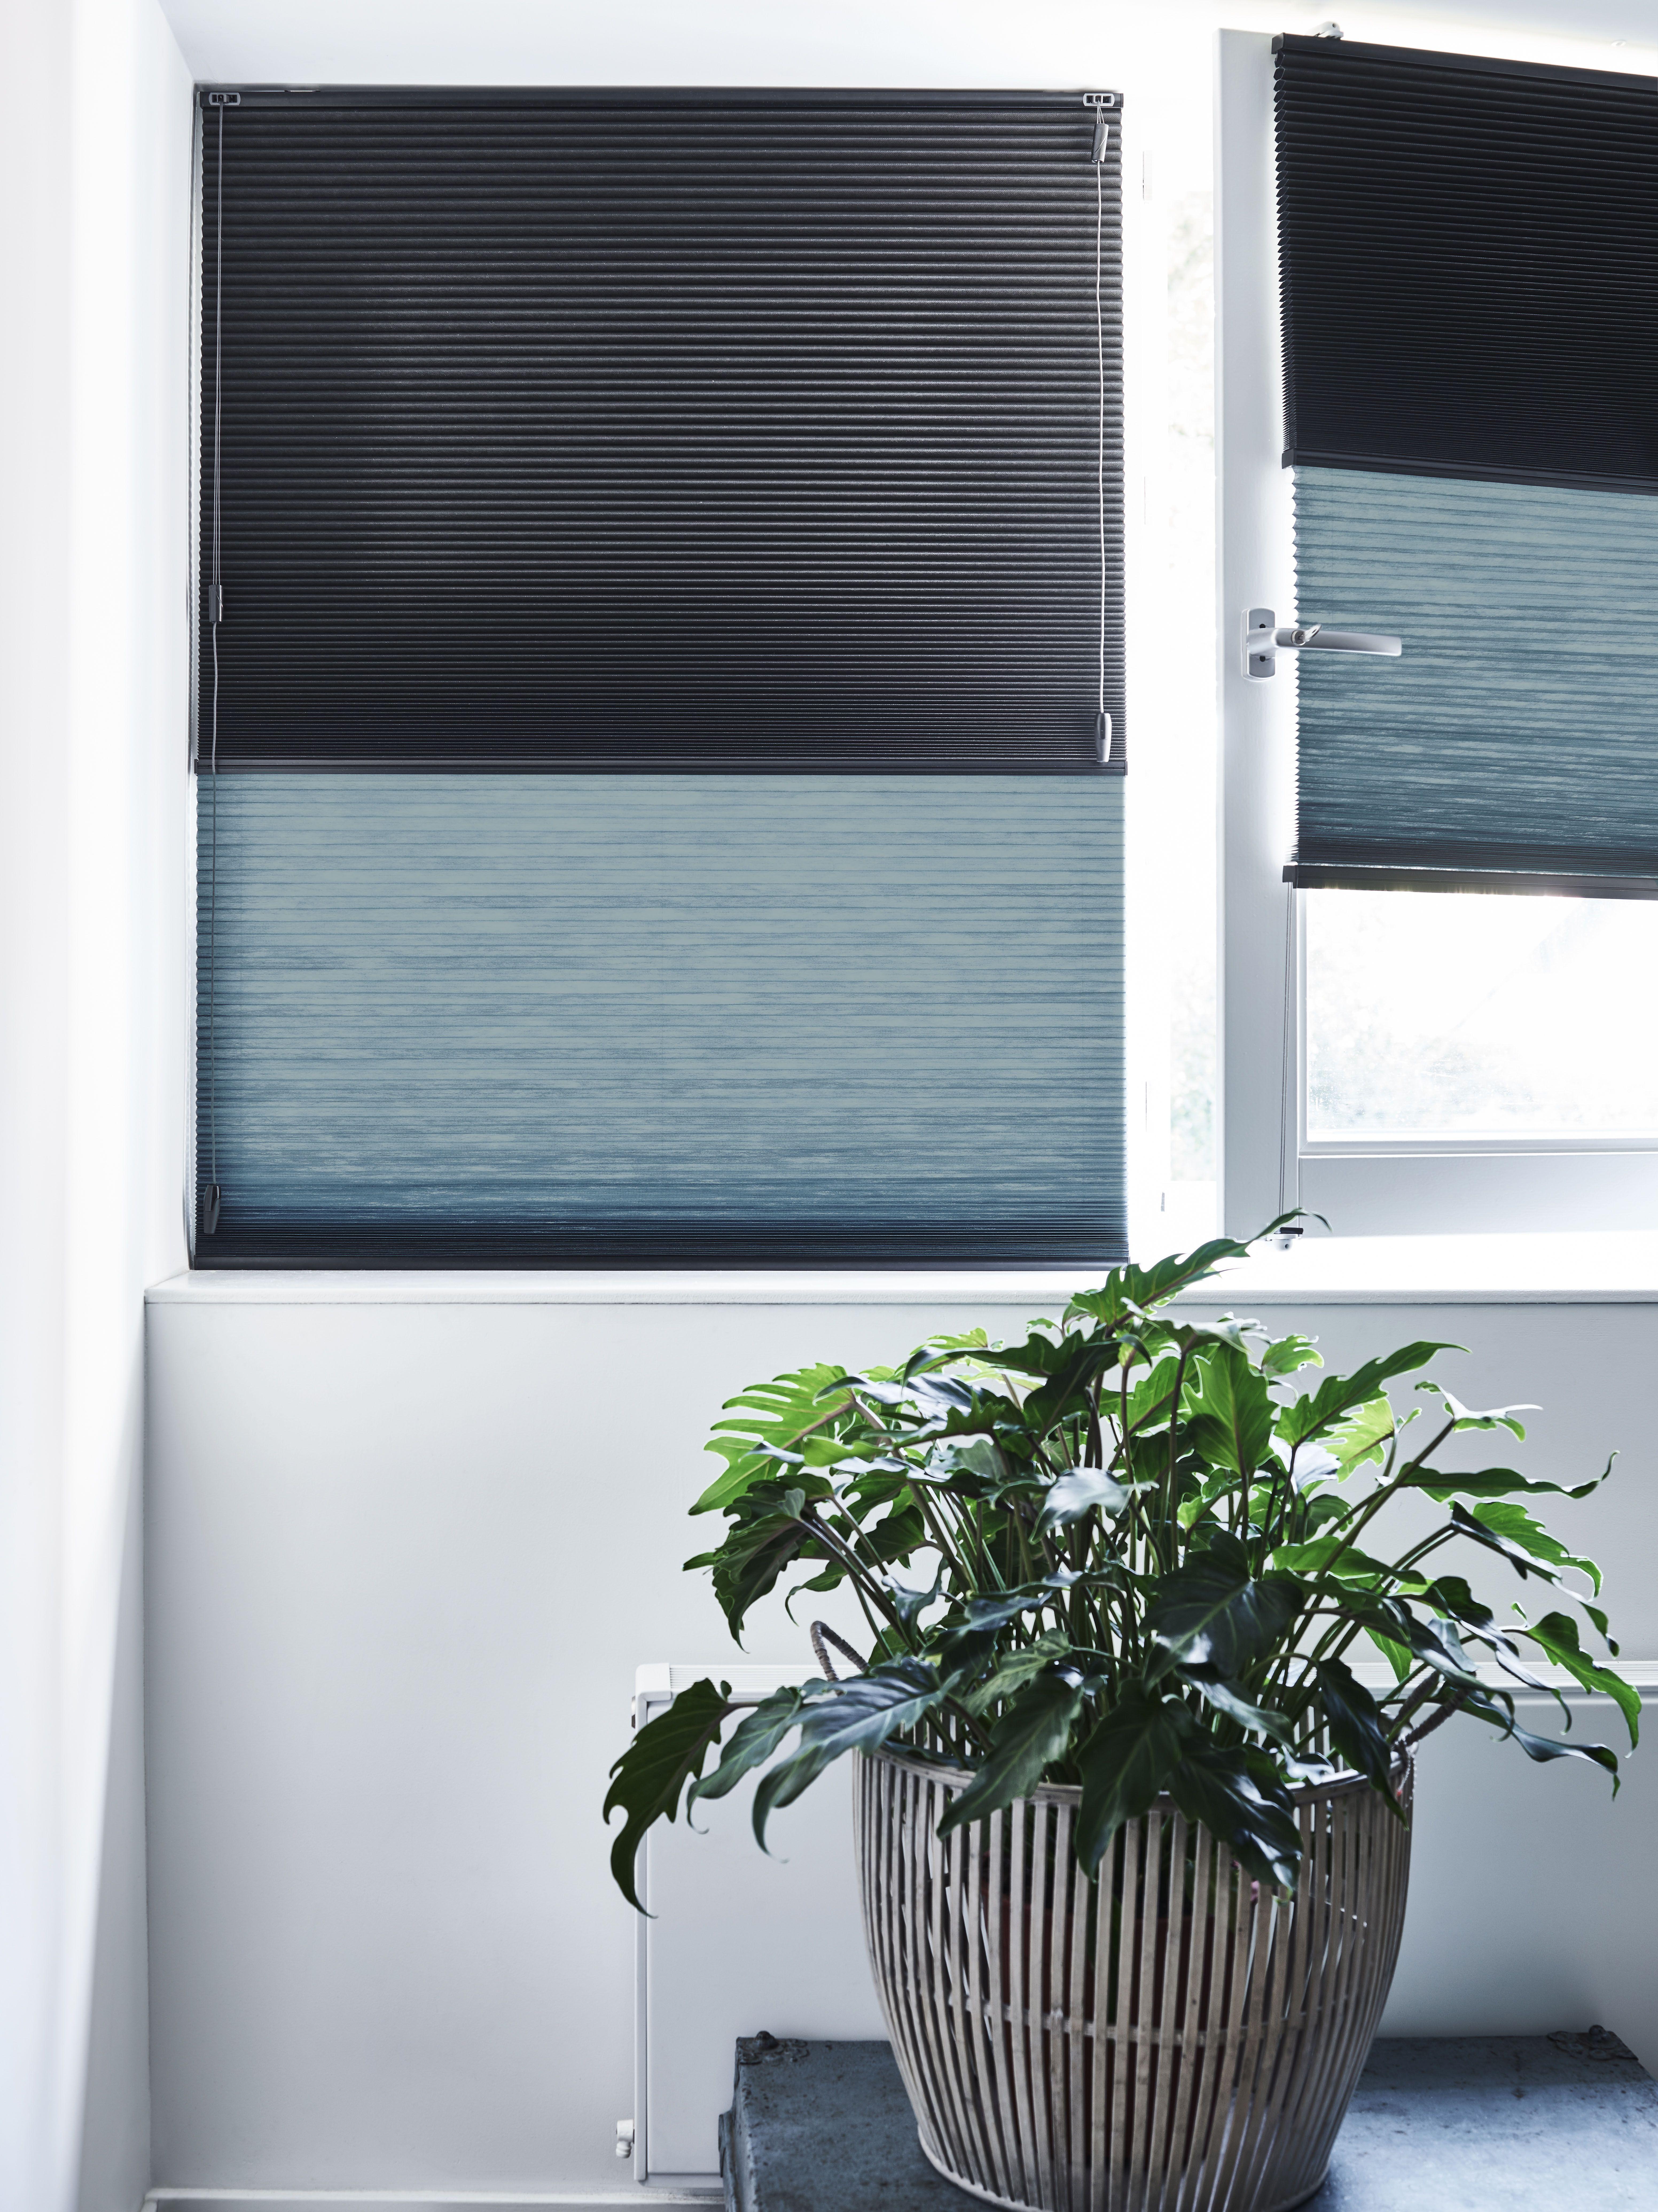 Raamdecoratie slaapkamer | Dupligordijnen | Pinterest | Screens